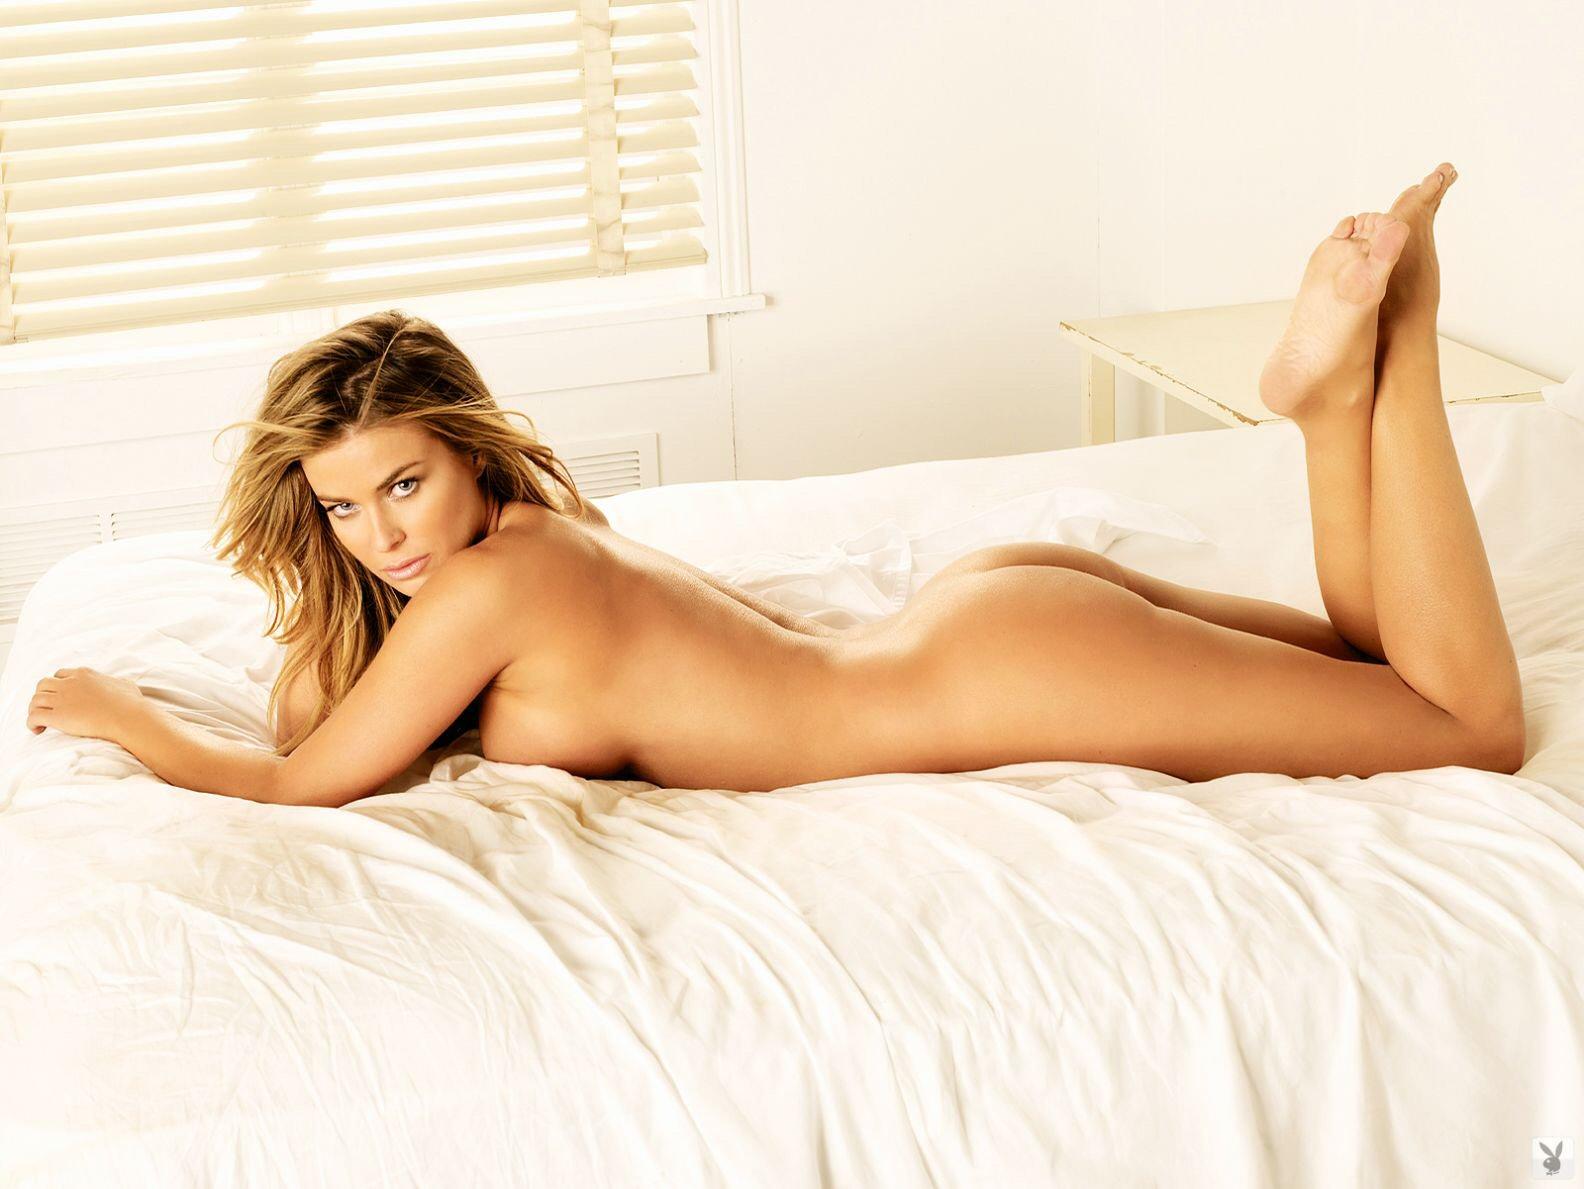 Carmen Electra desnuda - Fotos y Vídeos -